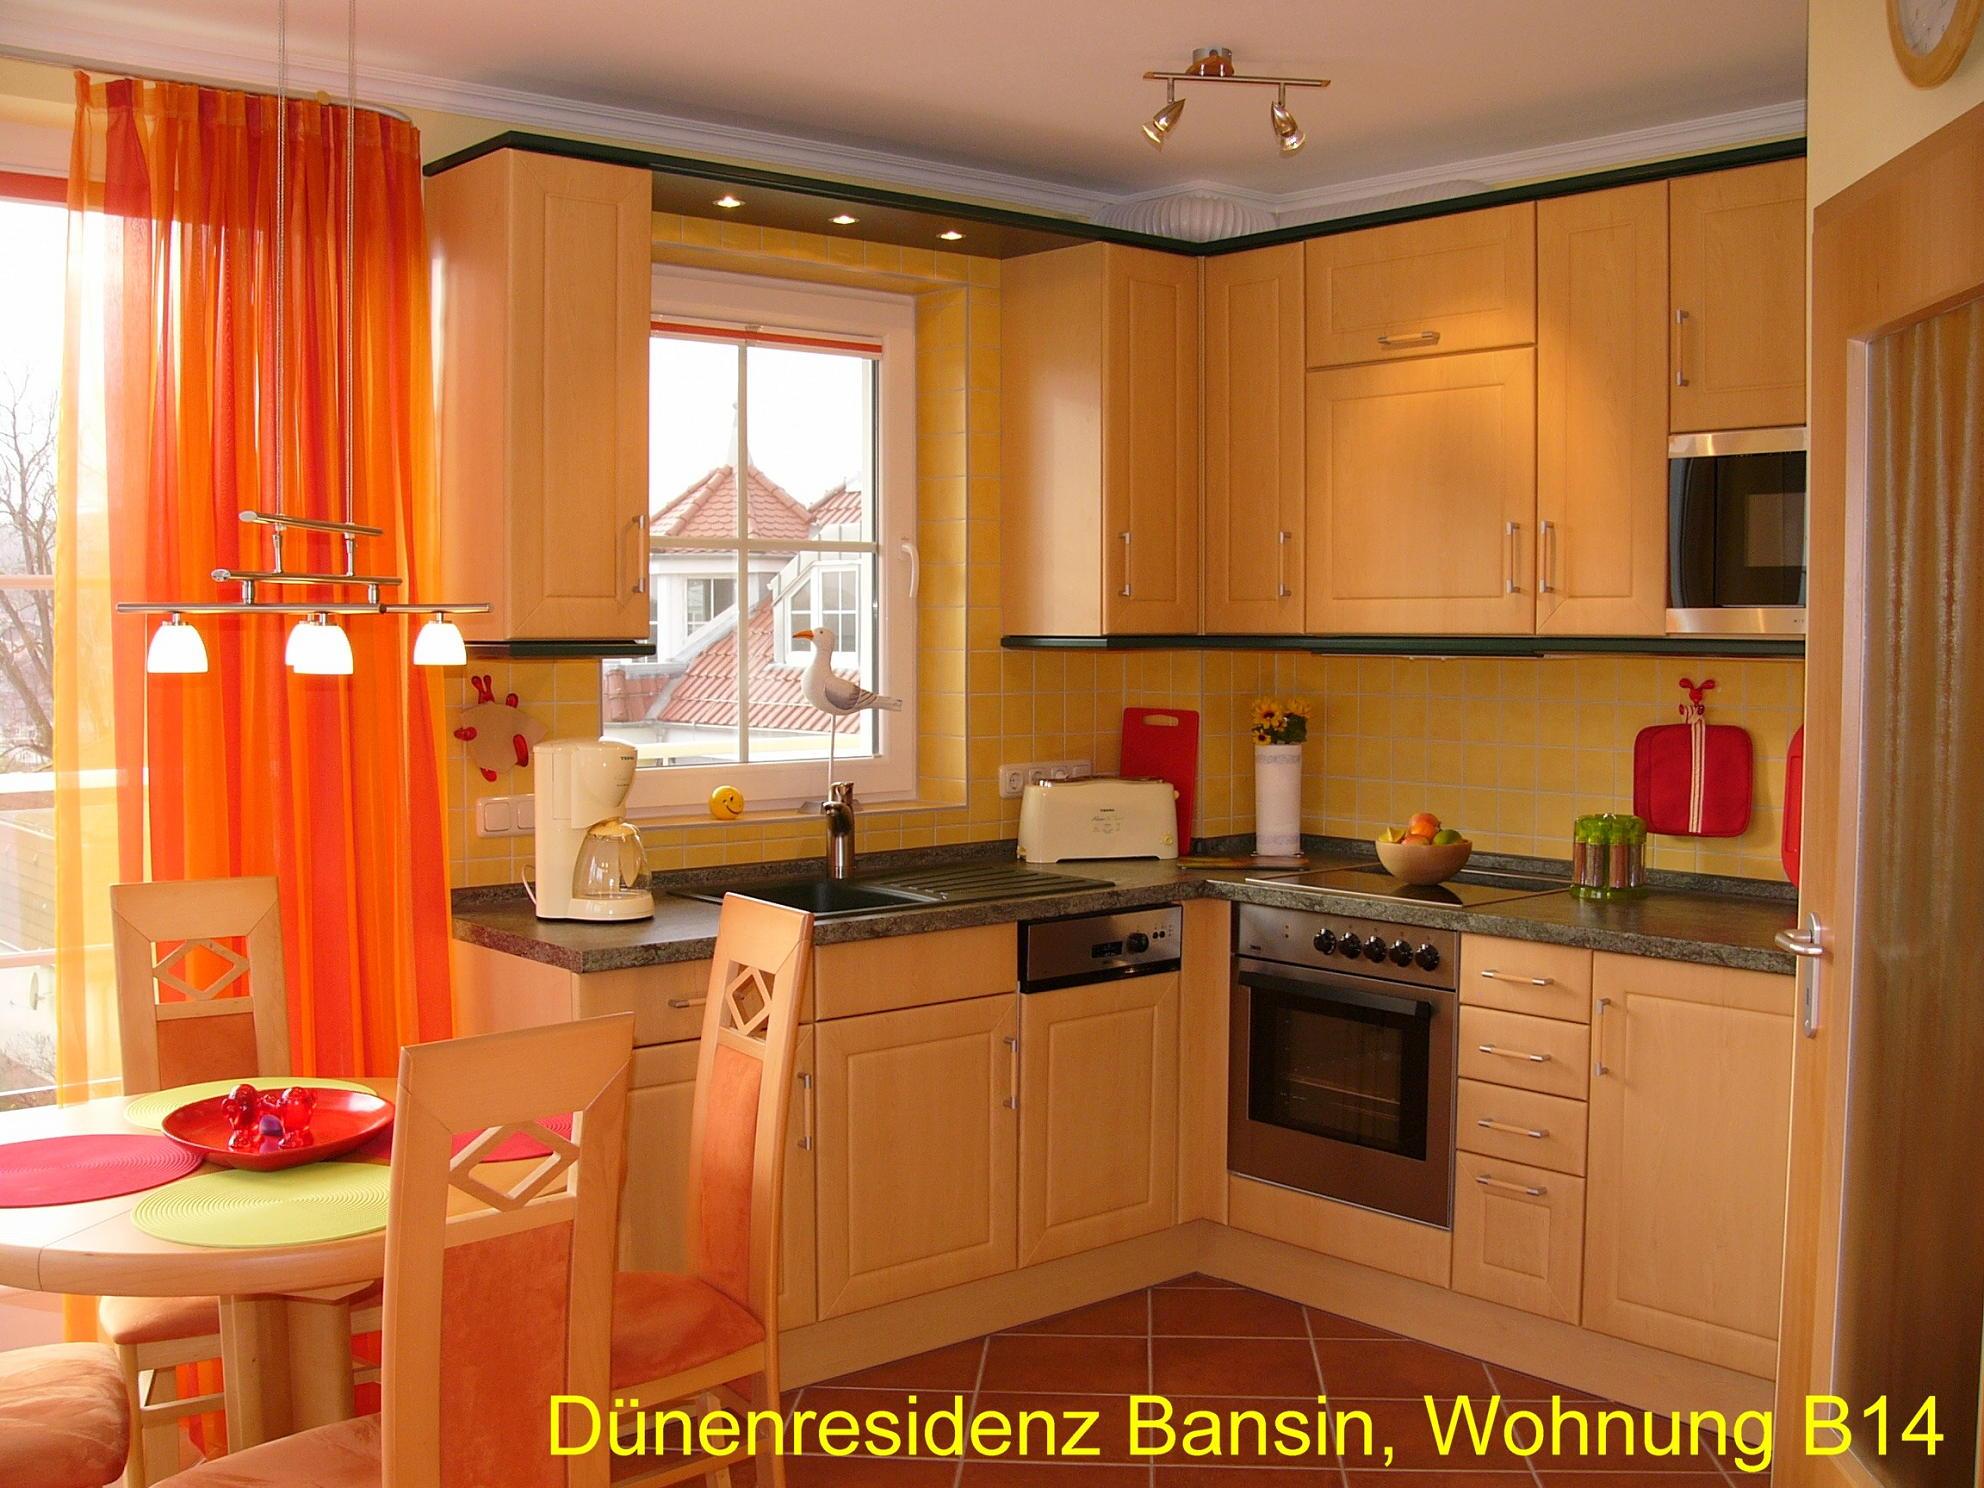 Full Size of Ausstellungsküchen Abverkauf Höffner Bad Inselküche Big Sofa Wohnzimmer Ausstellungsküchen Abverkauf Höffner